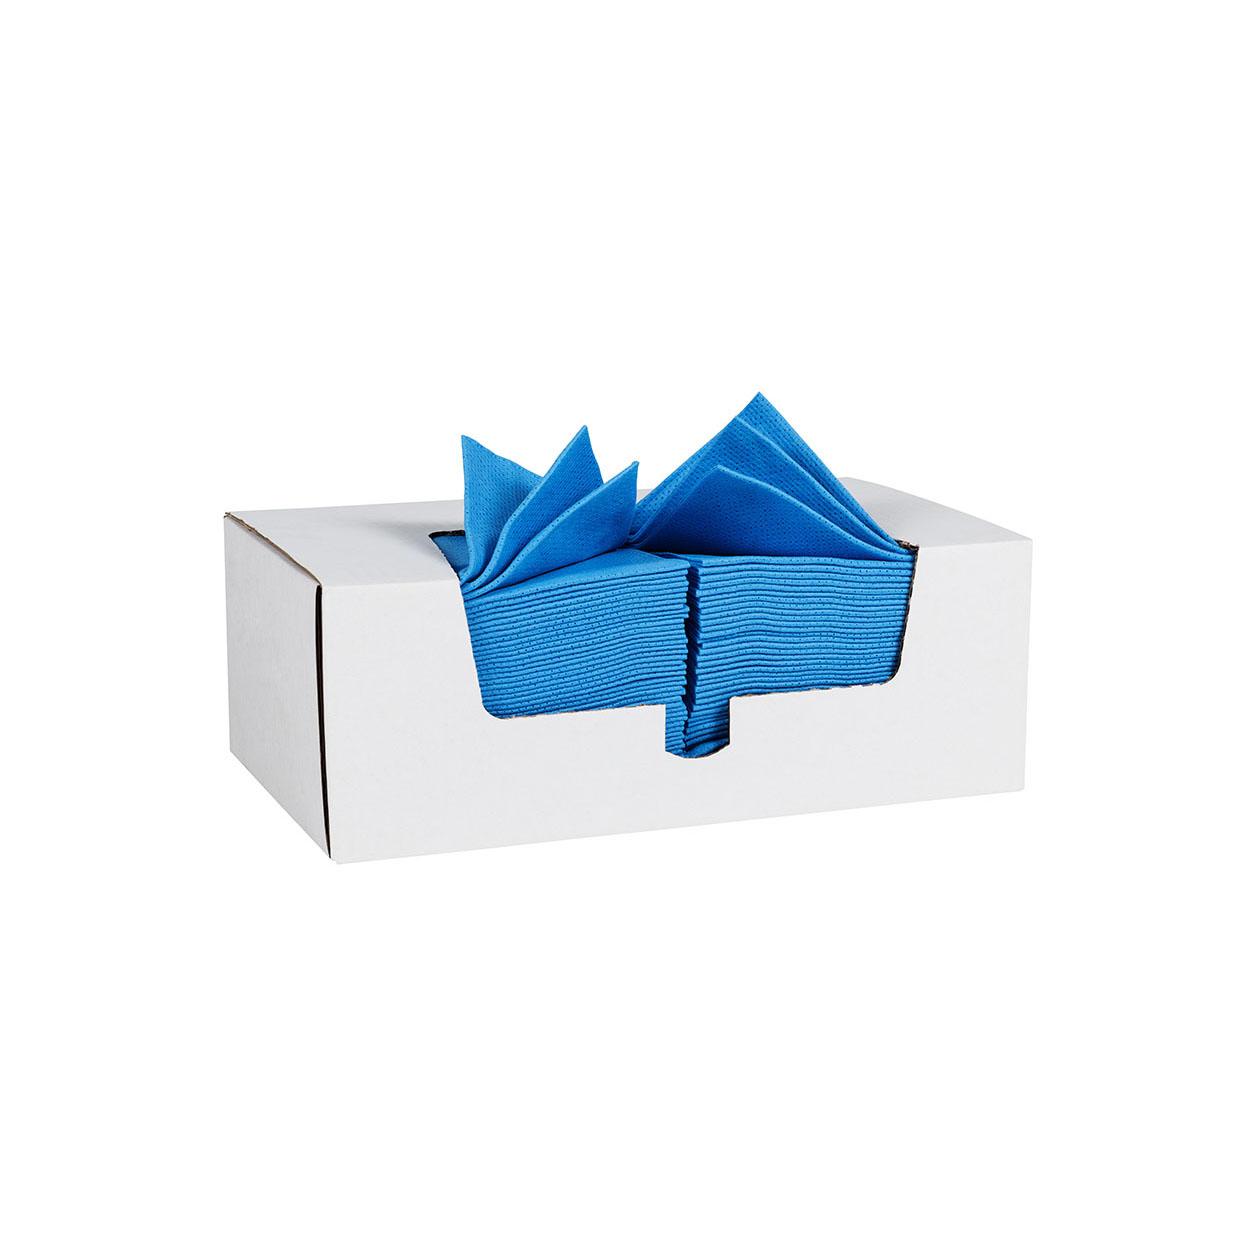 Barevná utěrka pro hrubé čištění - modrá